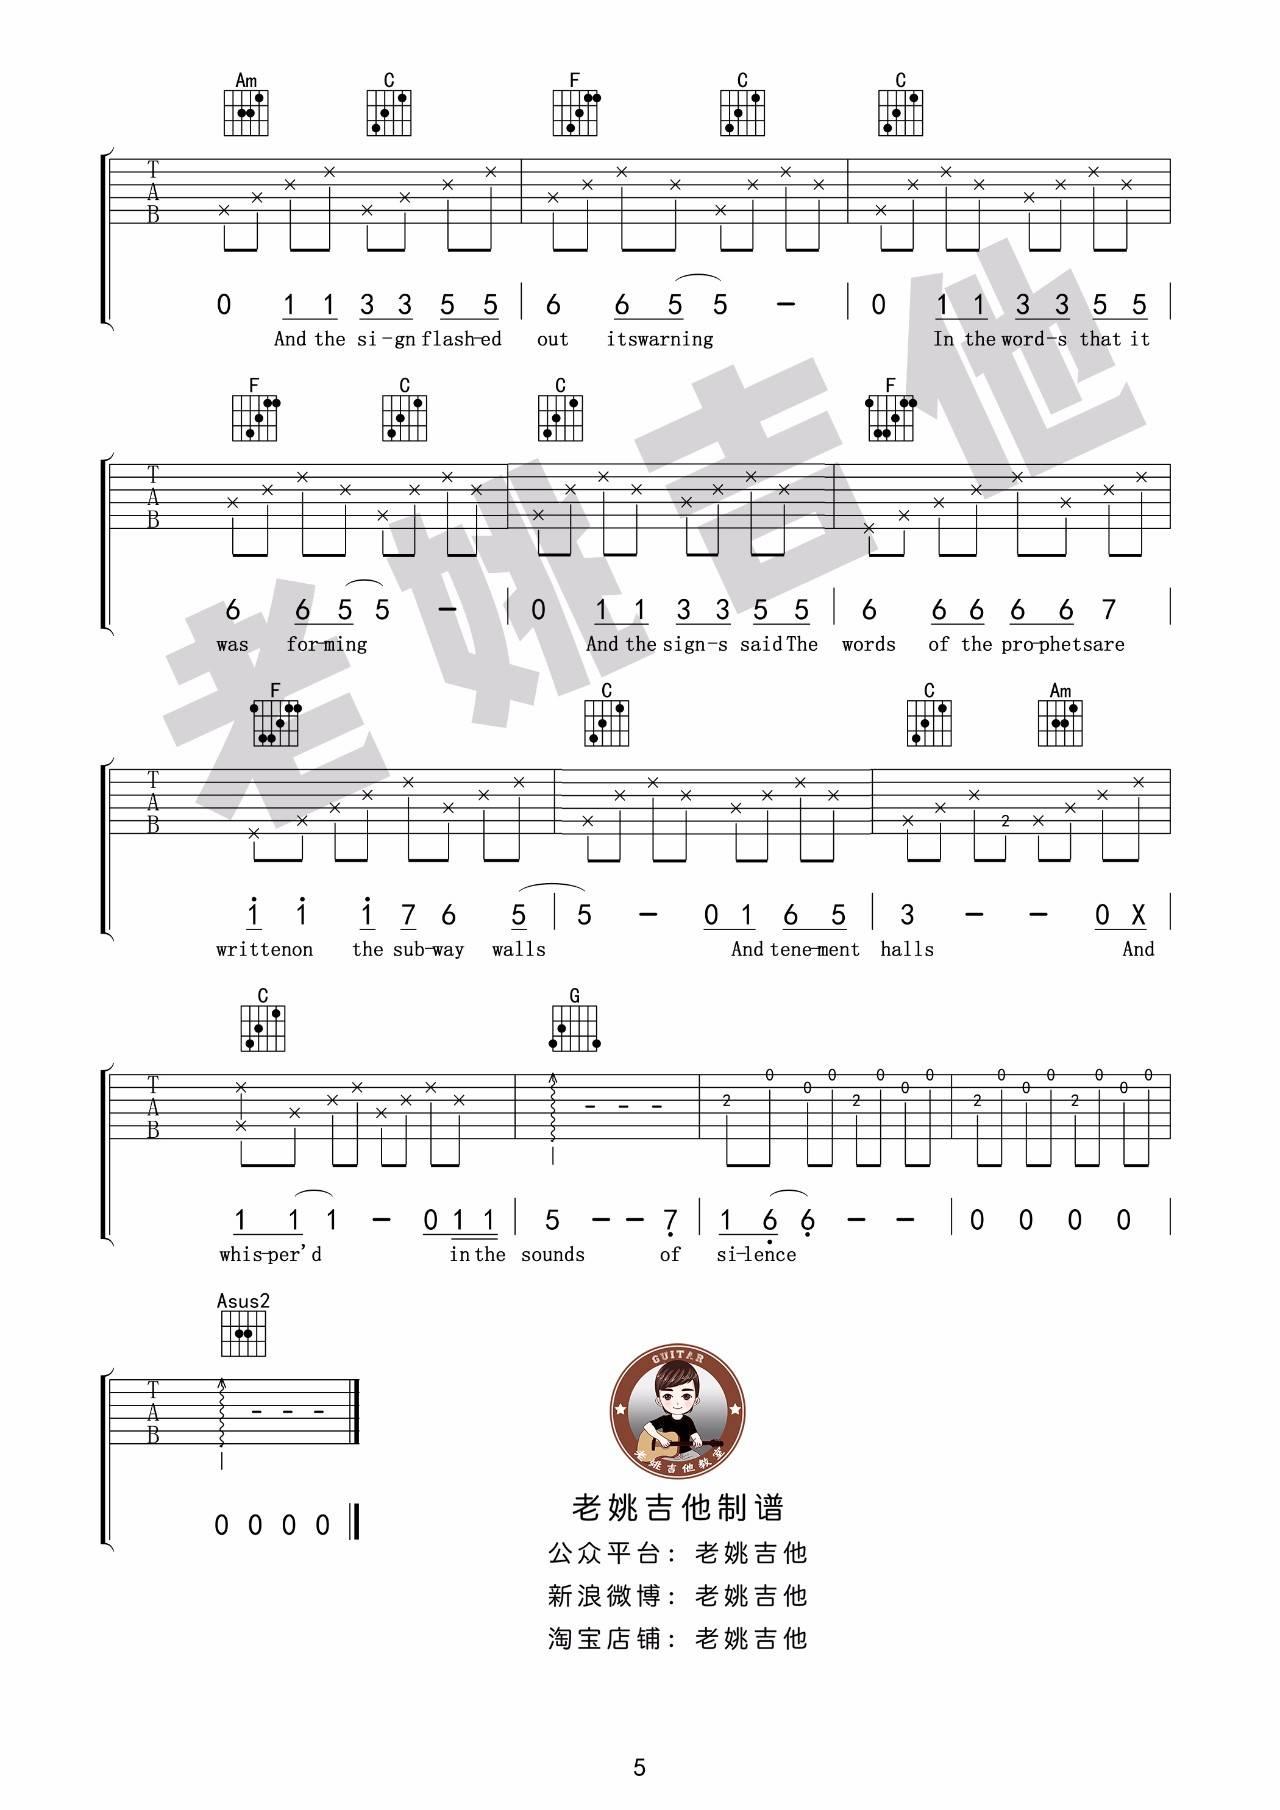 吉他派《寂静之声》吉他谱-5